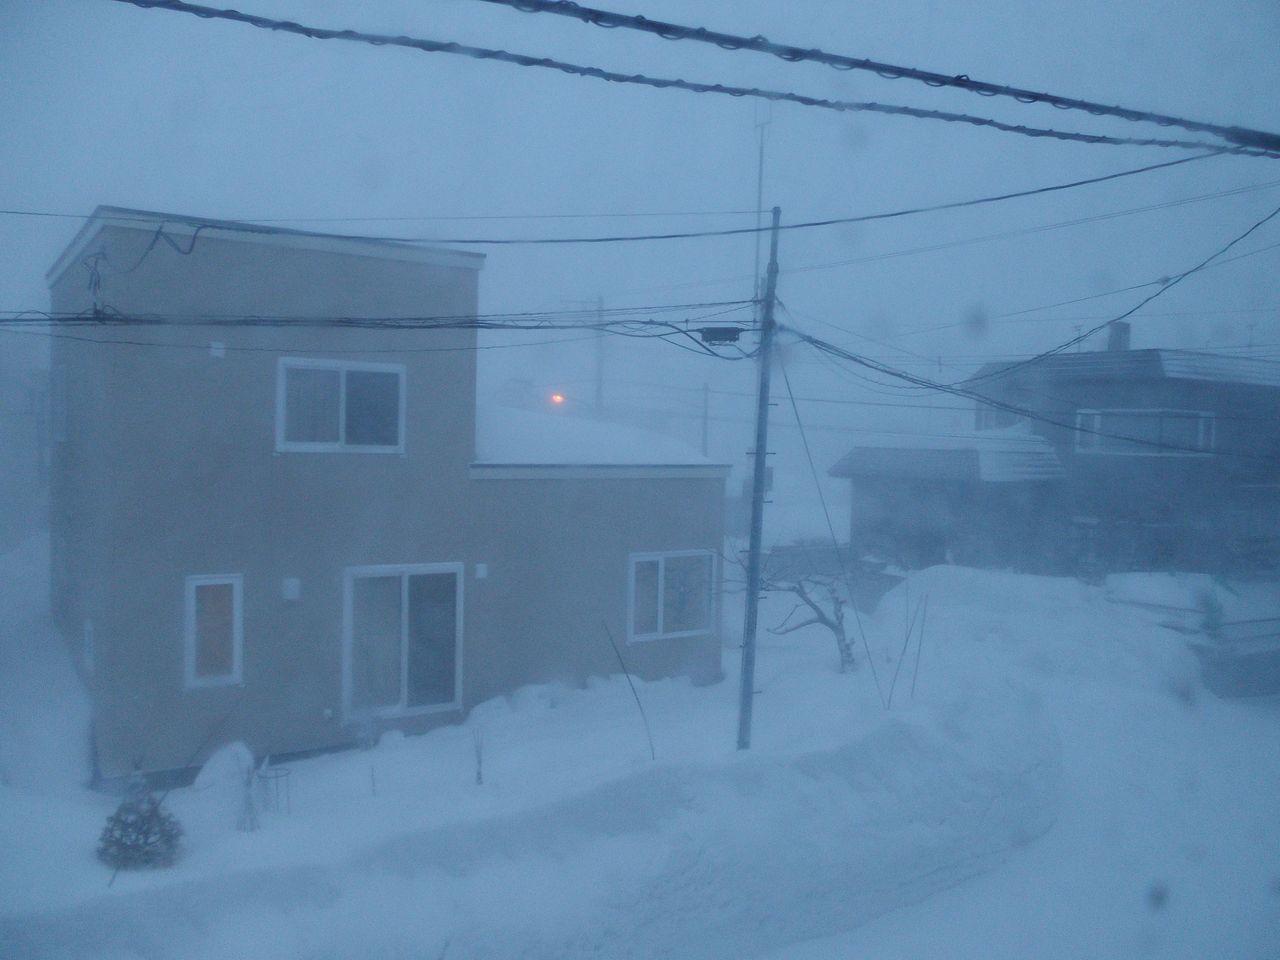 真冬日に吹雪が追加された_c0025115_22245094.jpg